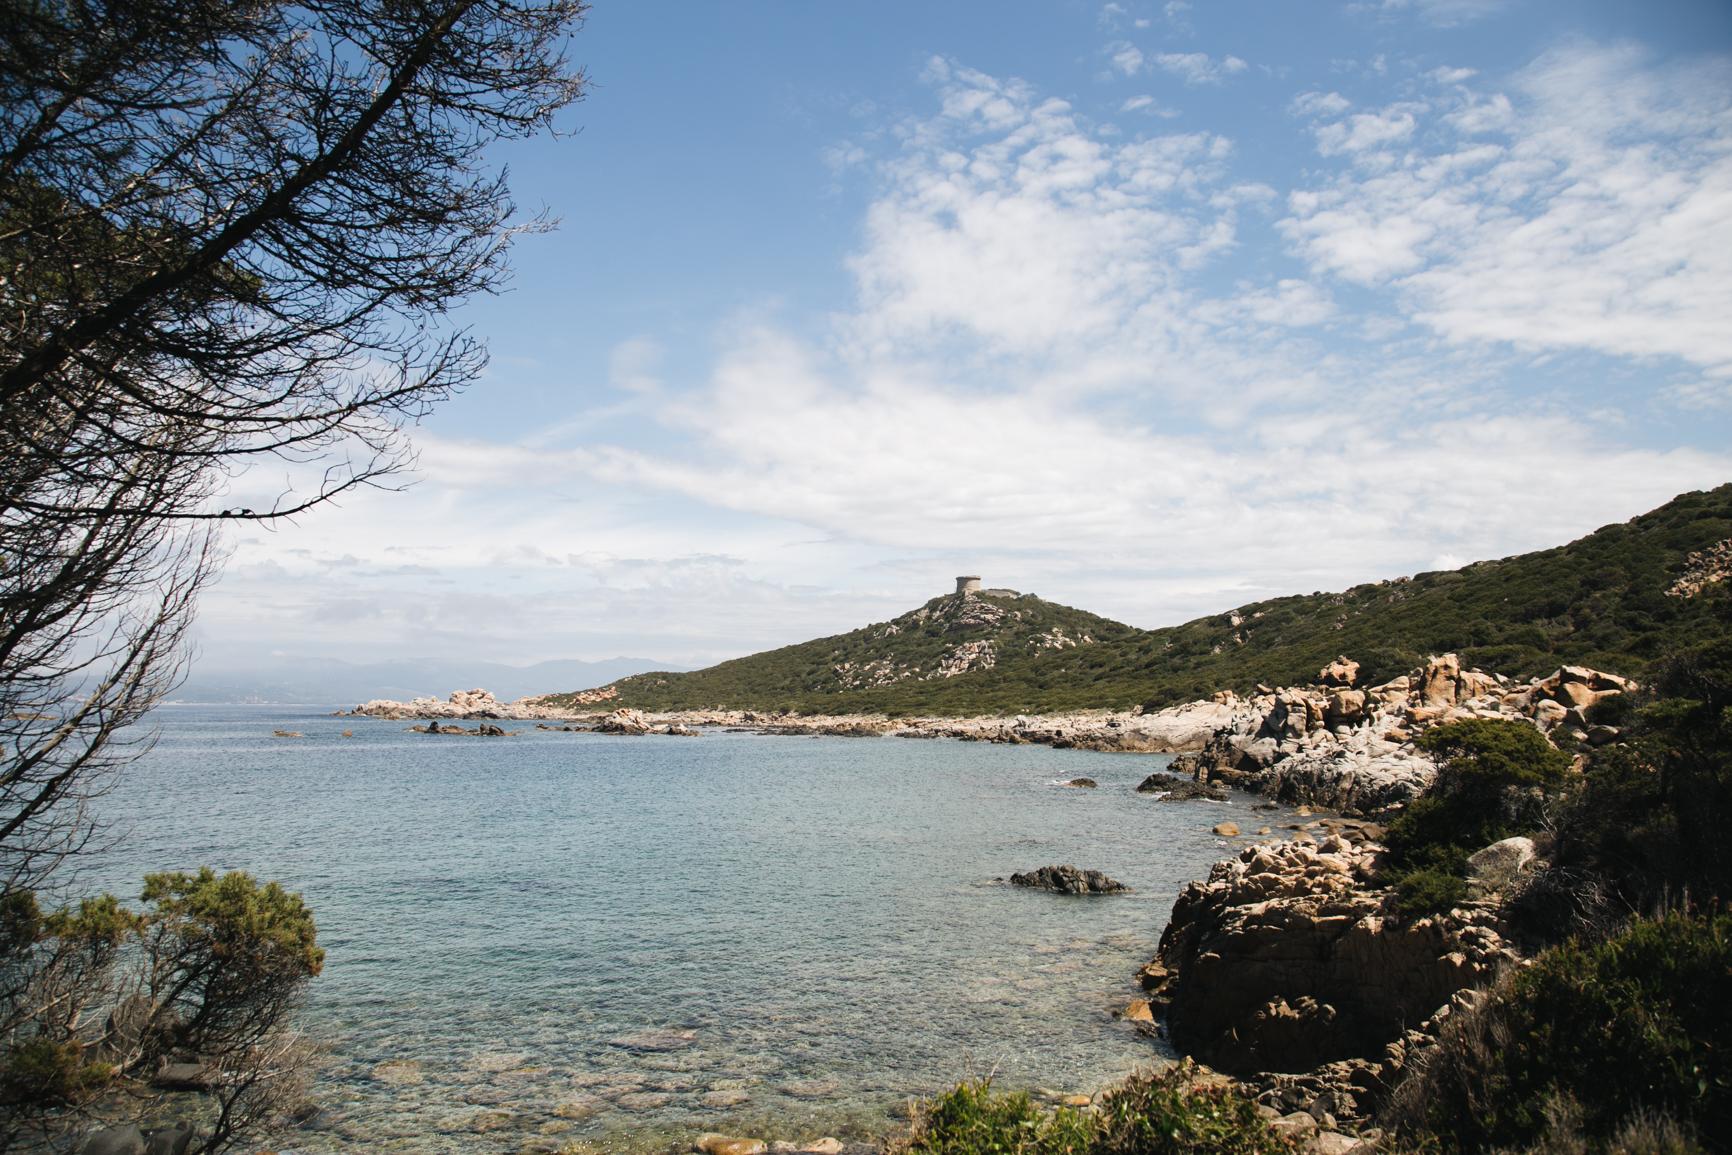 Campomoro-sentier-littoral-blog-voyage-corse-onmyway-9.jpg